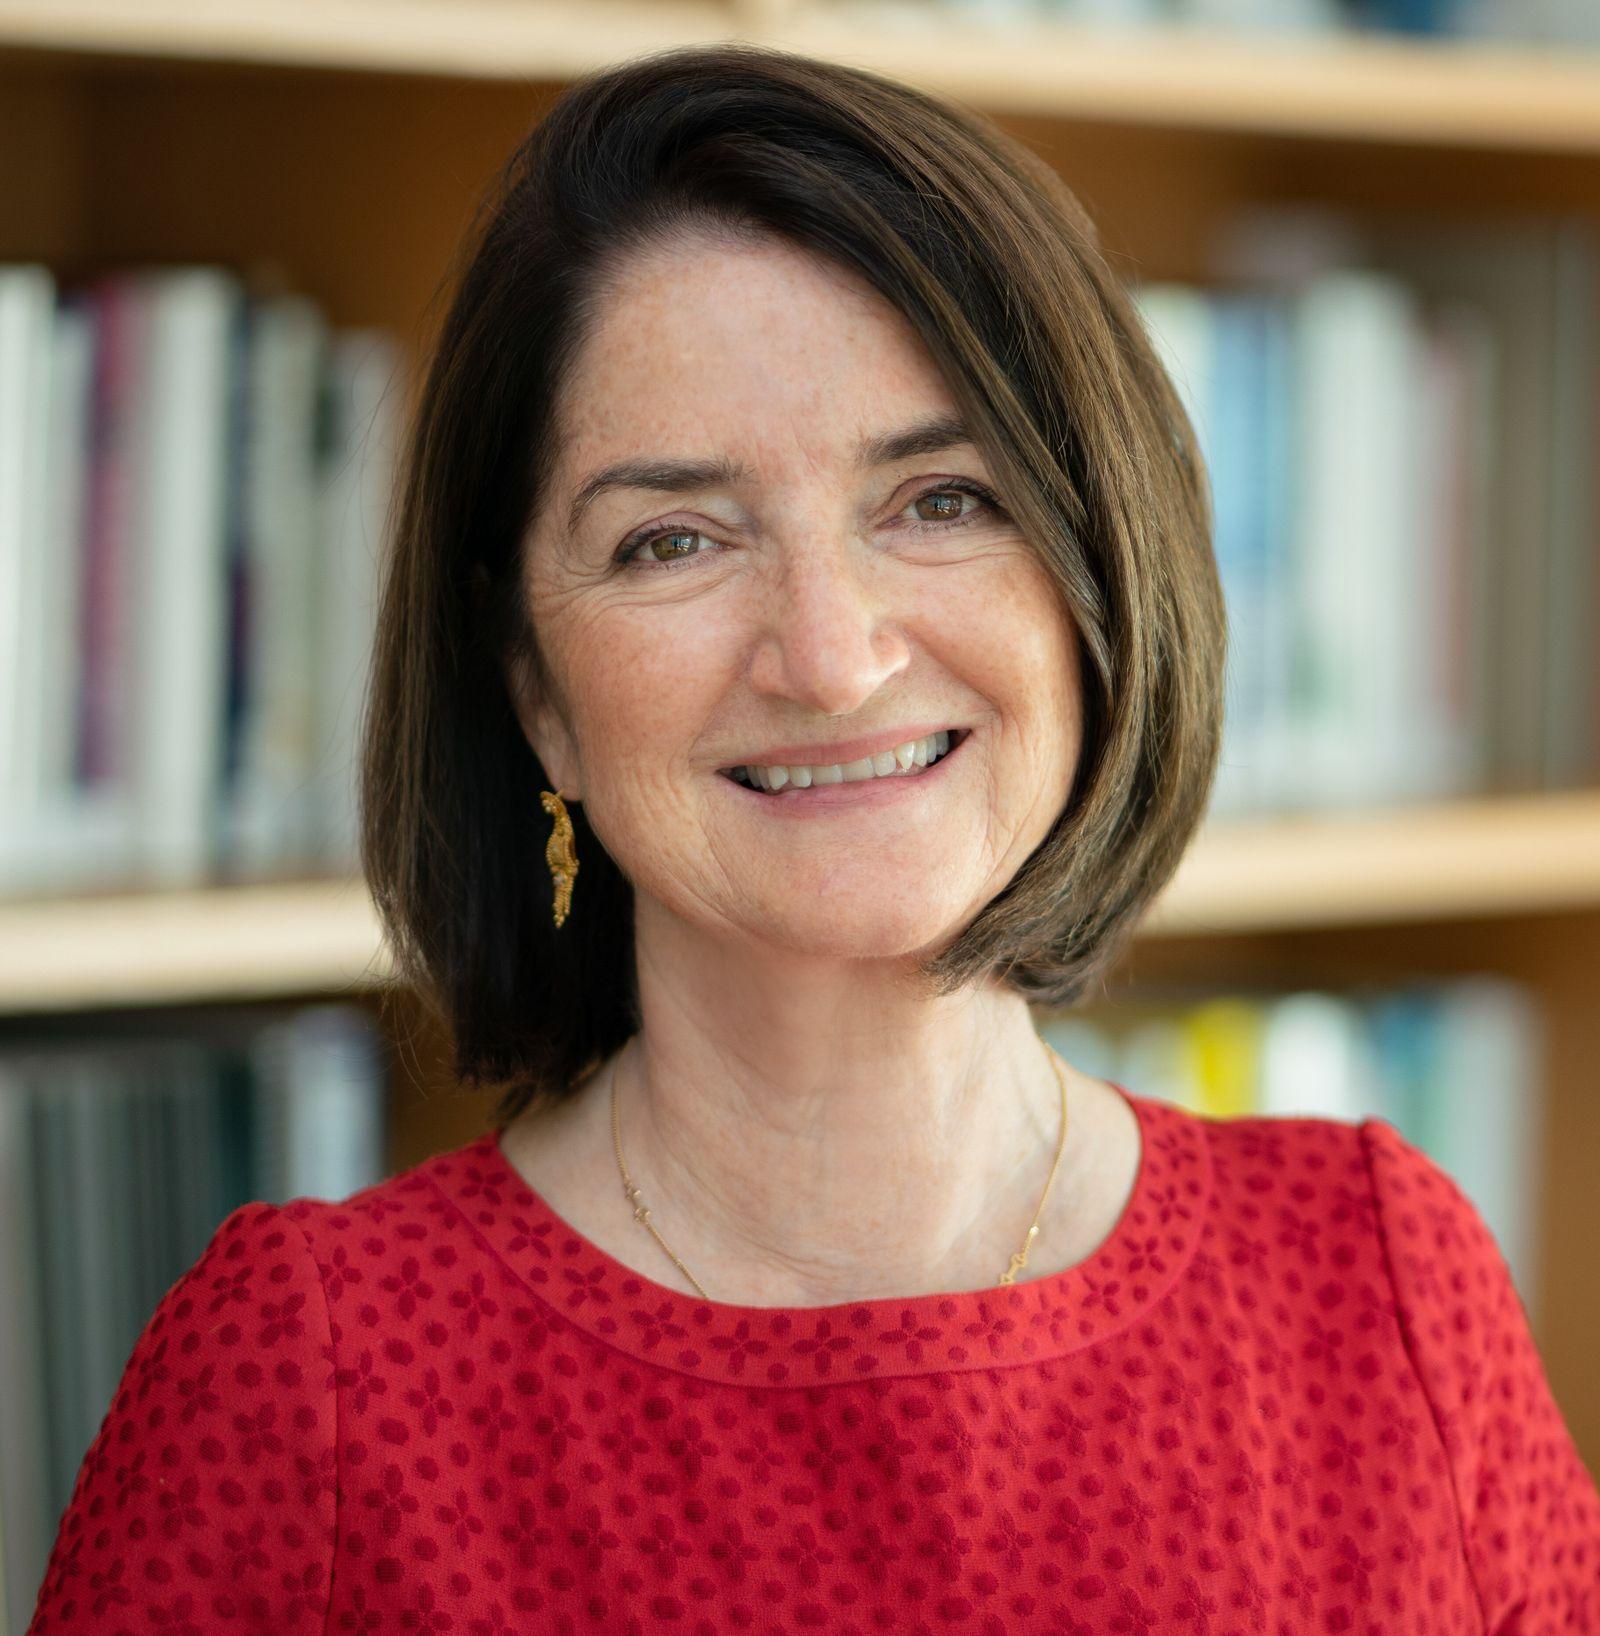 Portrait of Ellen S. Alberding